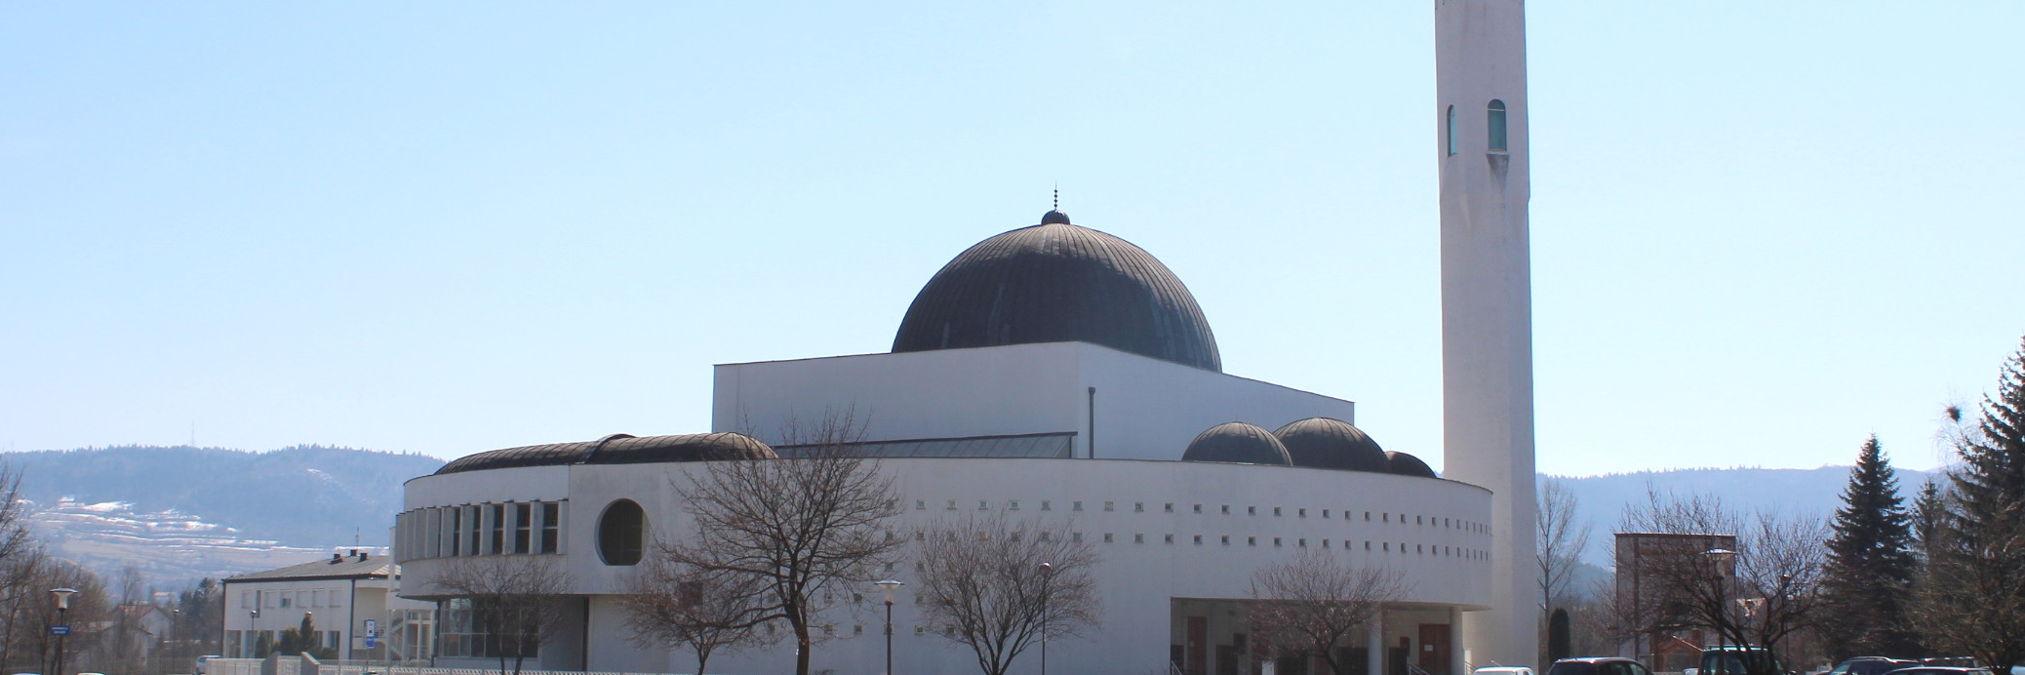 Исламский центр принцессы Ал-Джевхере